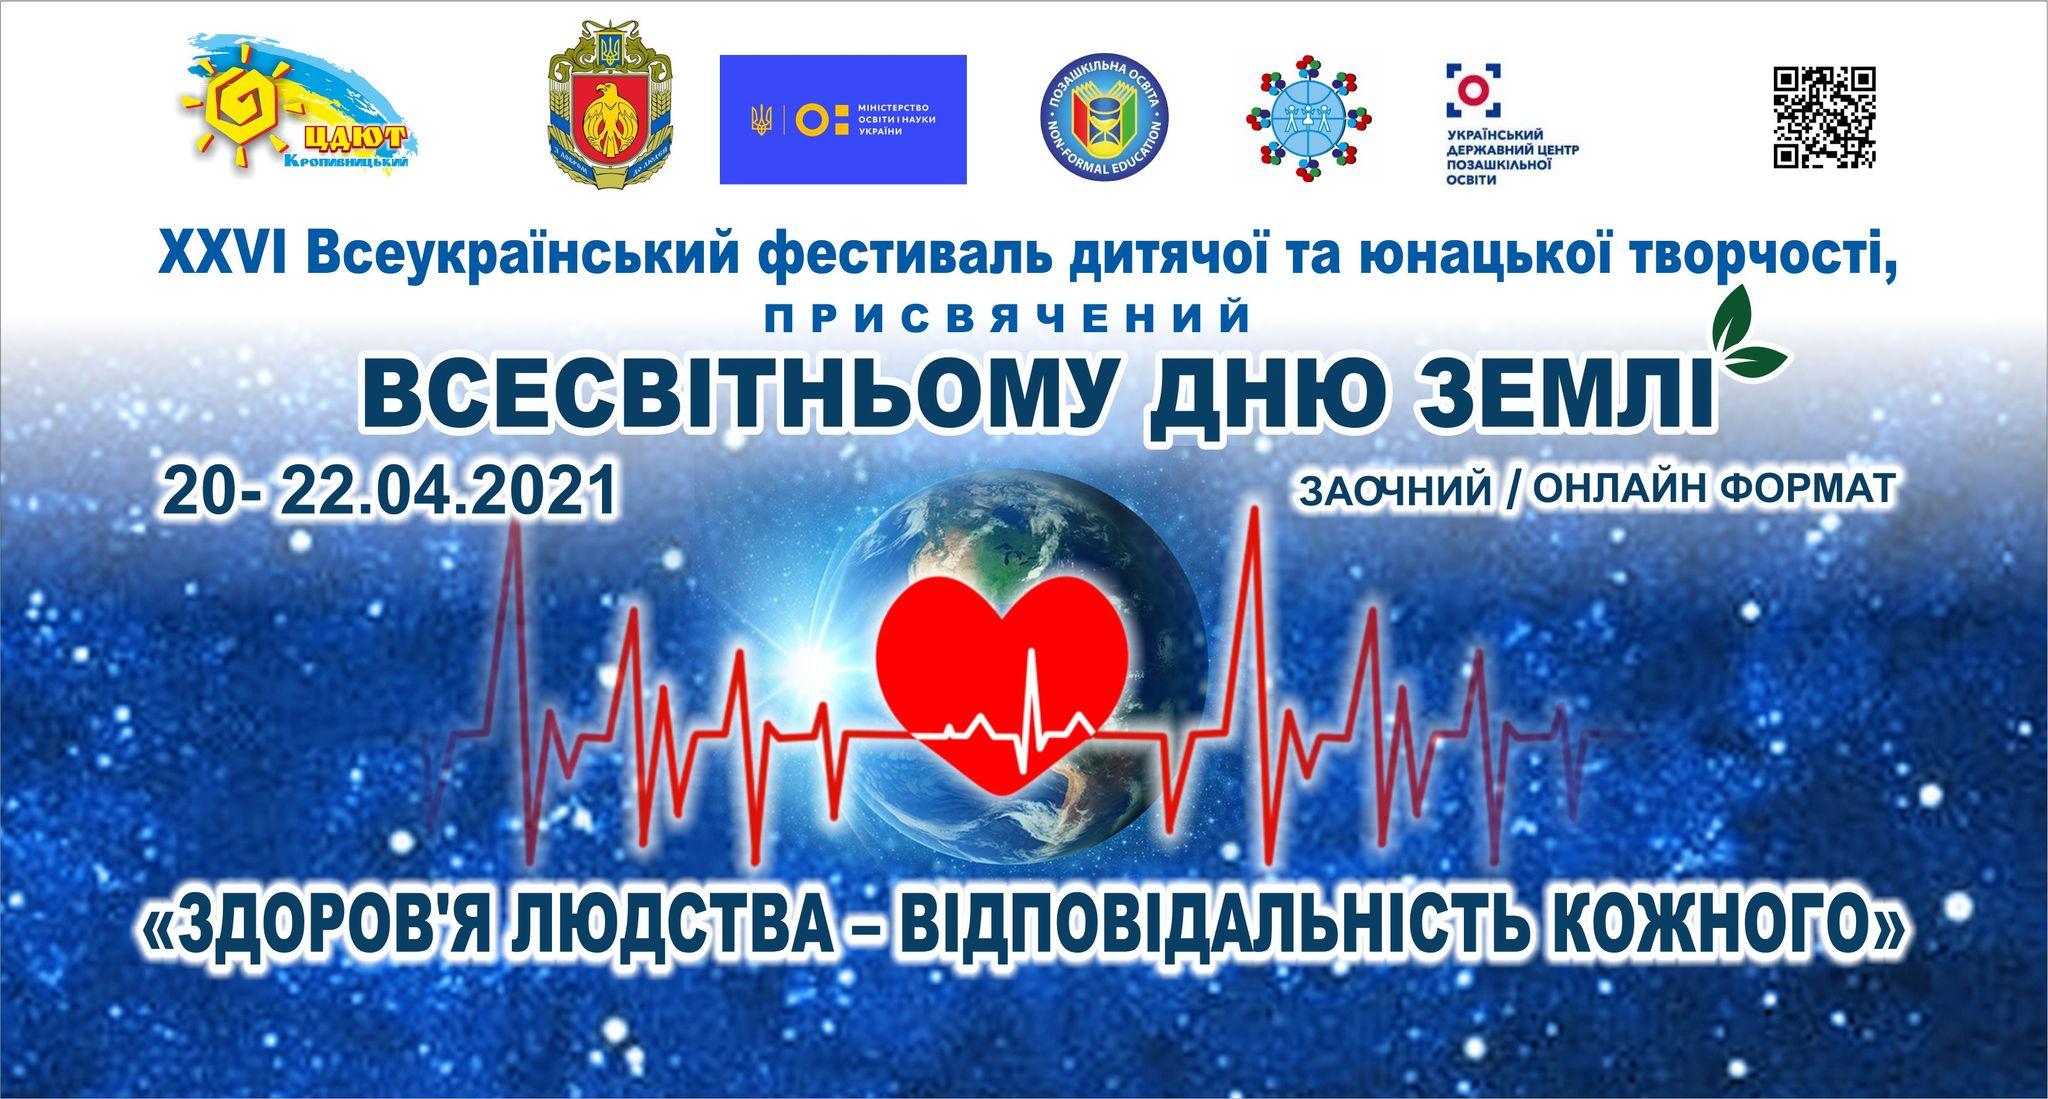 У Кропивницькому вiдбудеться Всеукраїнський фестиваль, присвячений Дню Землi (ФОТО)